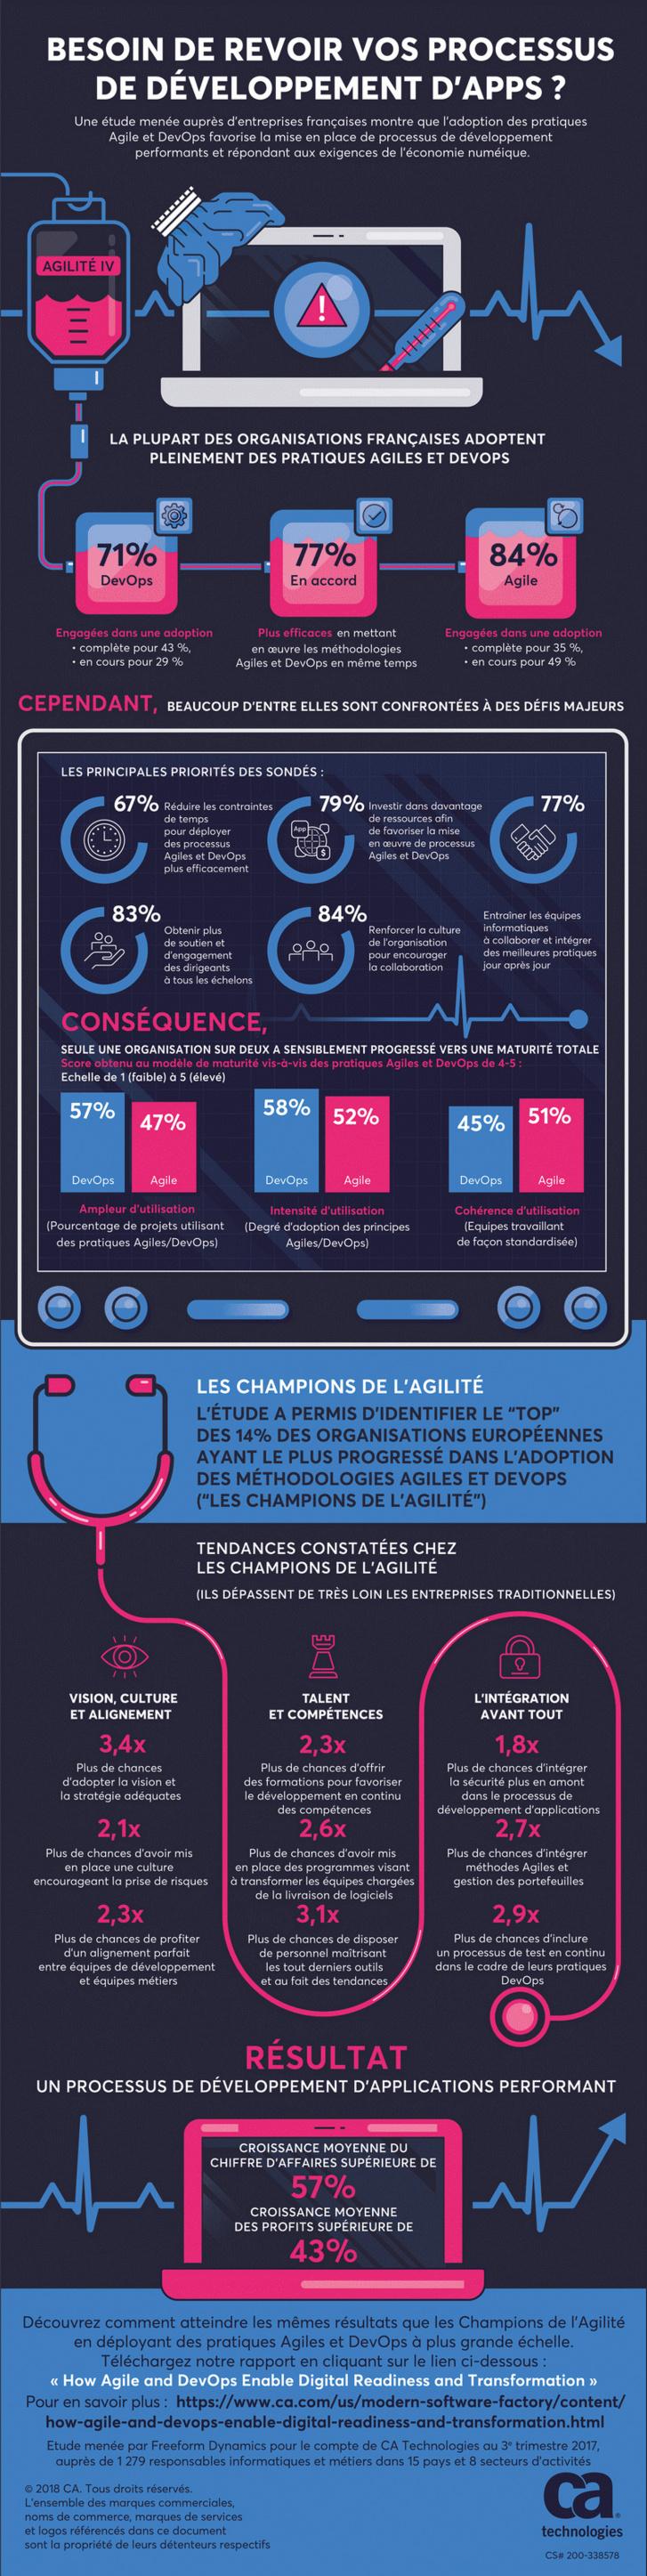 Les méthodologies Agiles et DevOps irriguent majoritairement les entreprises françaises selon une étude de CA Technologies